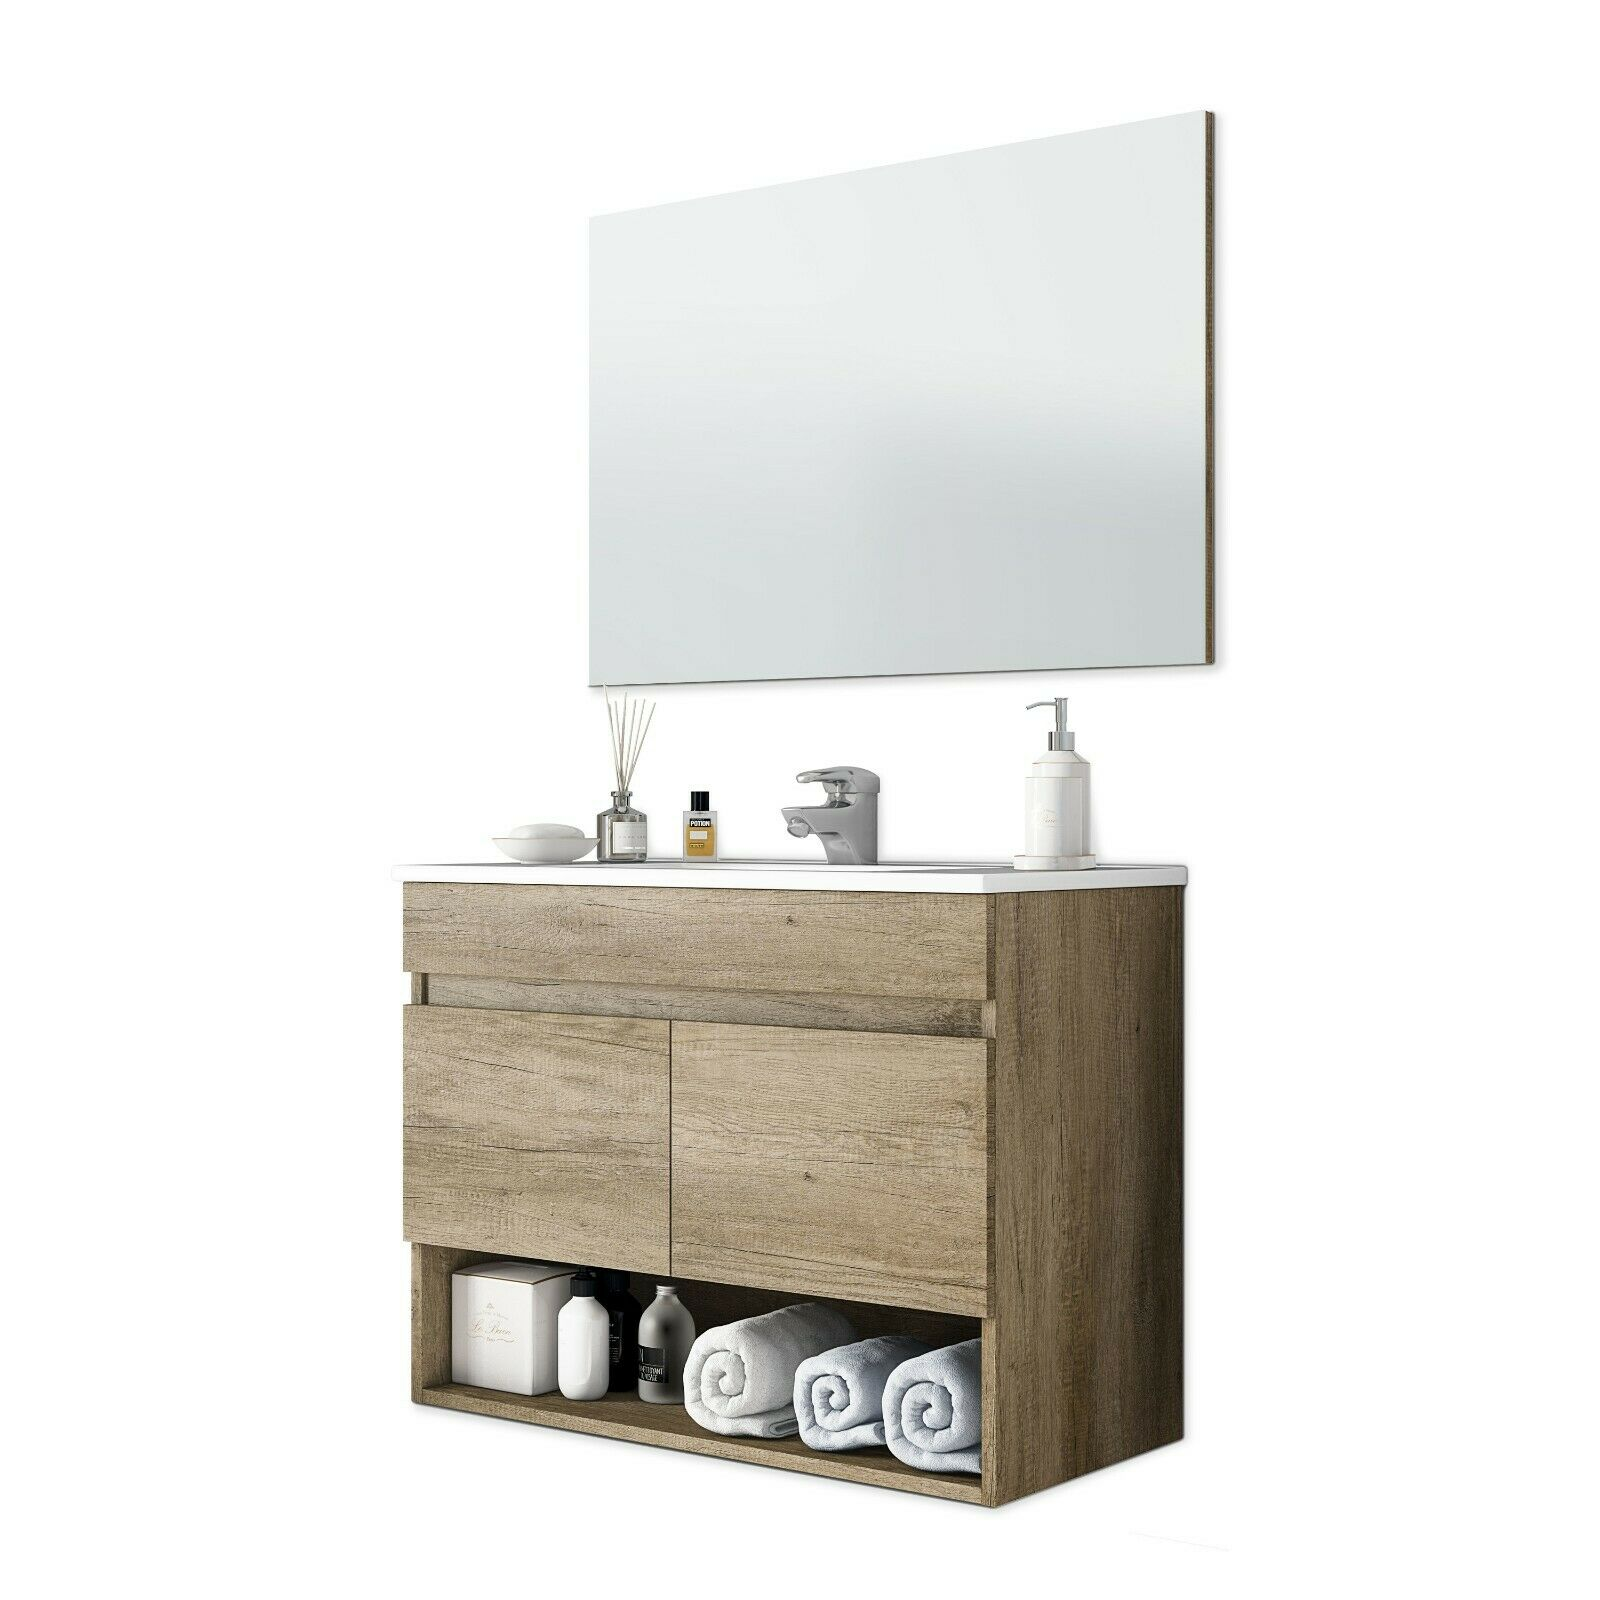 s l1600 - Mueble de baño, módulo para lavabo, 2 puertas con espejo Nordik, Cotton